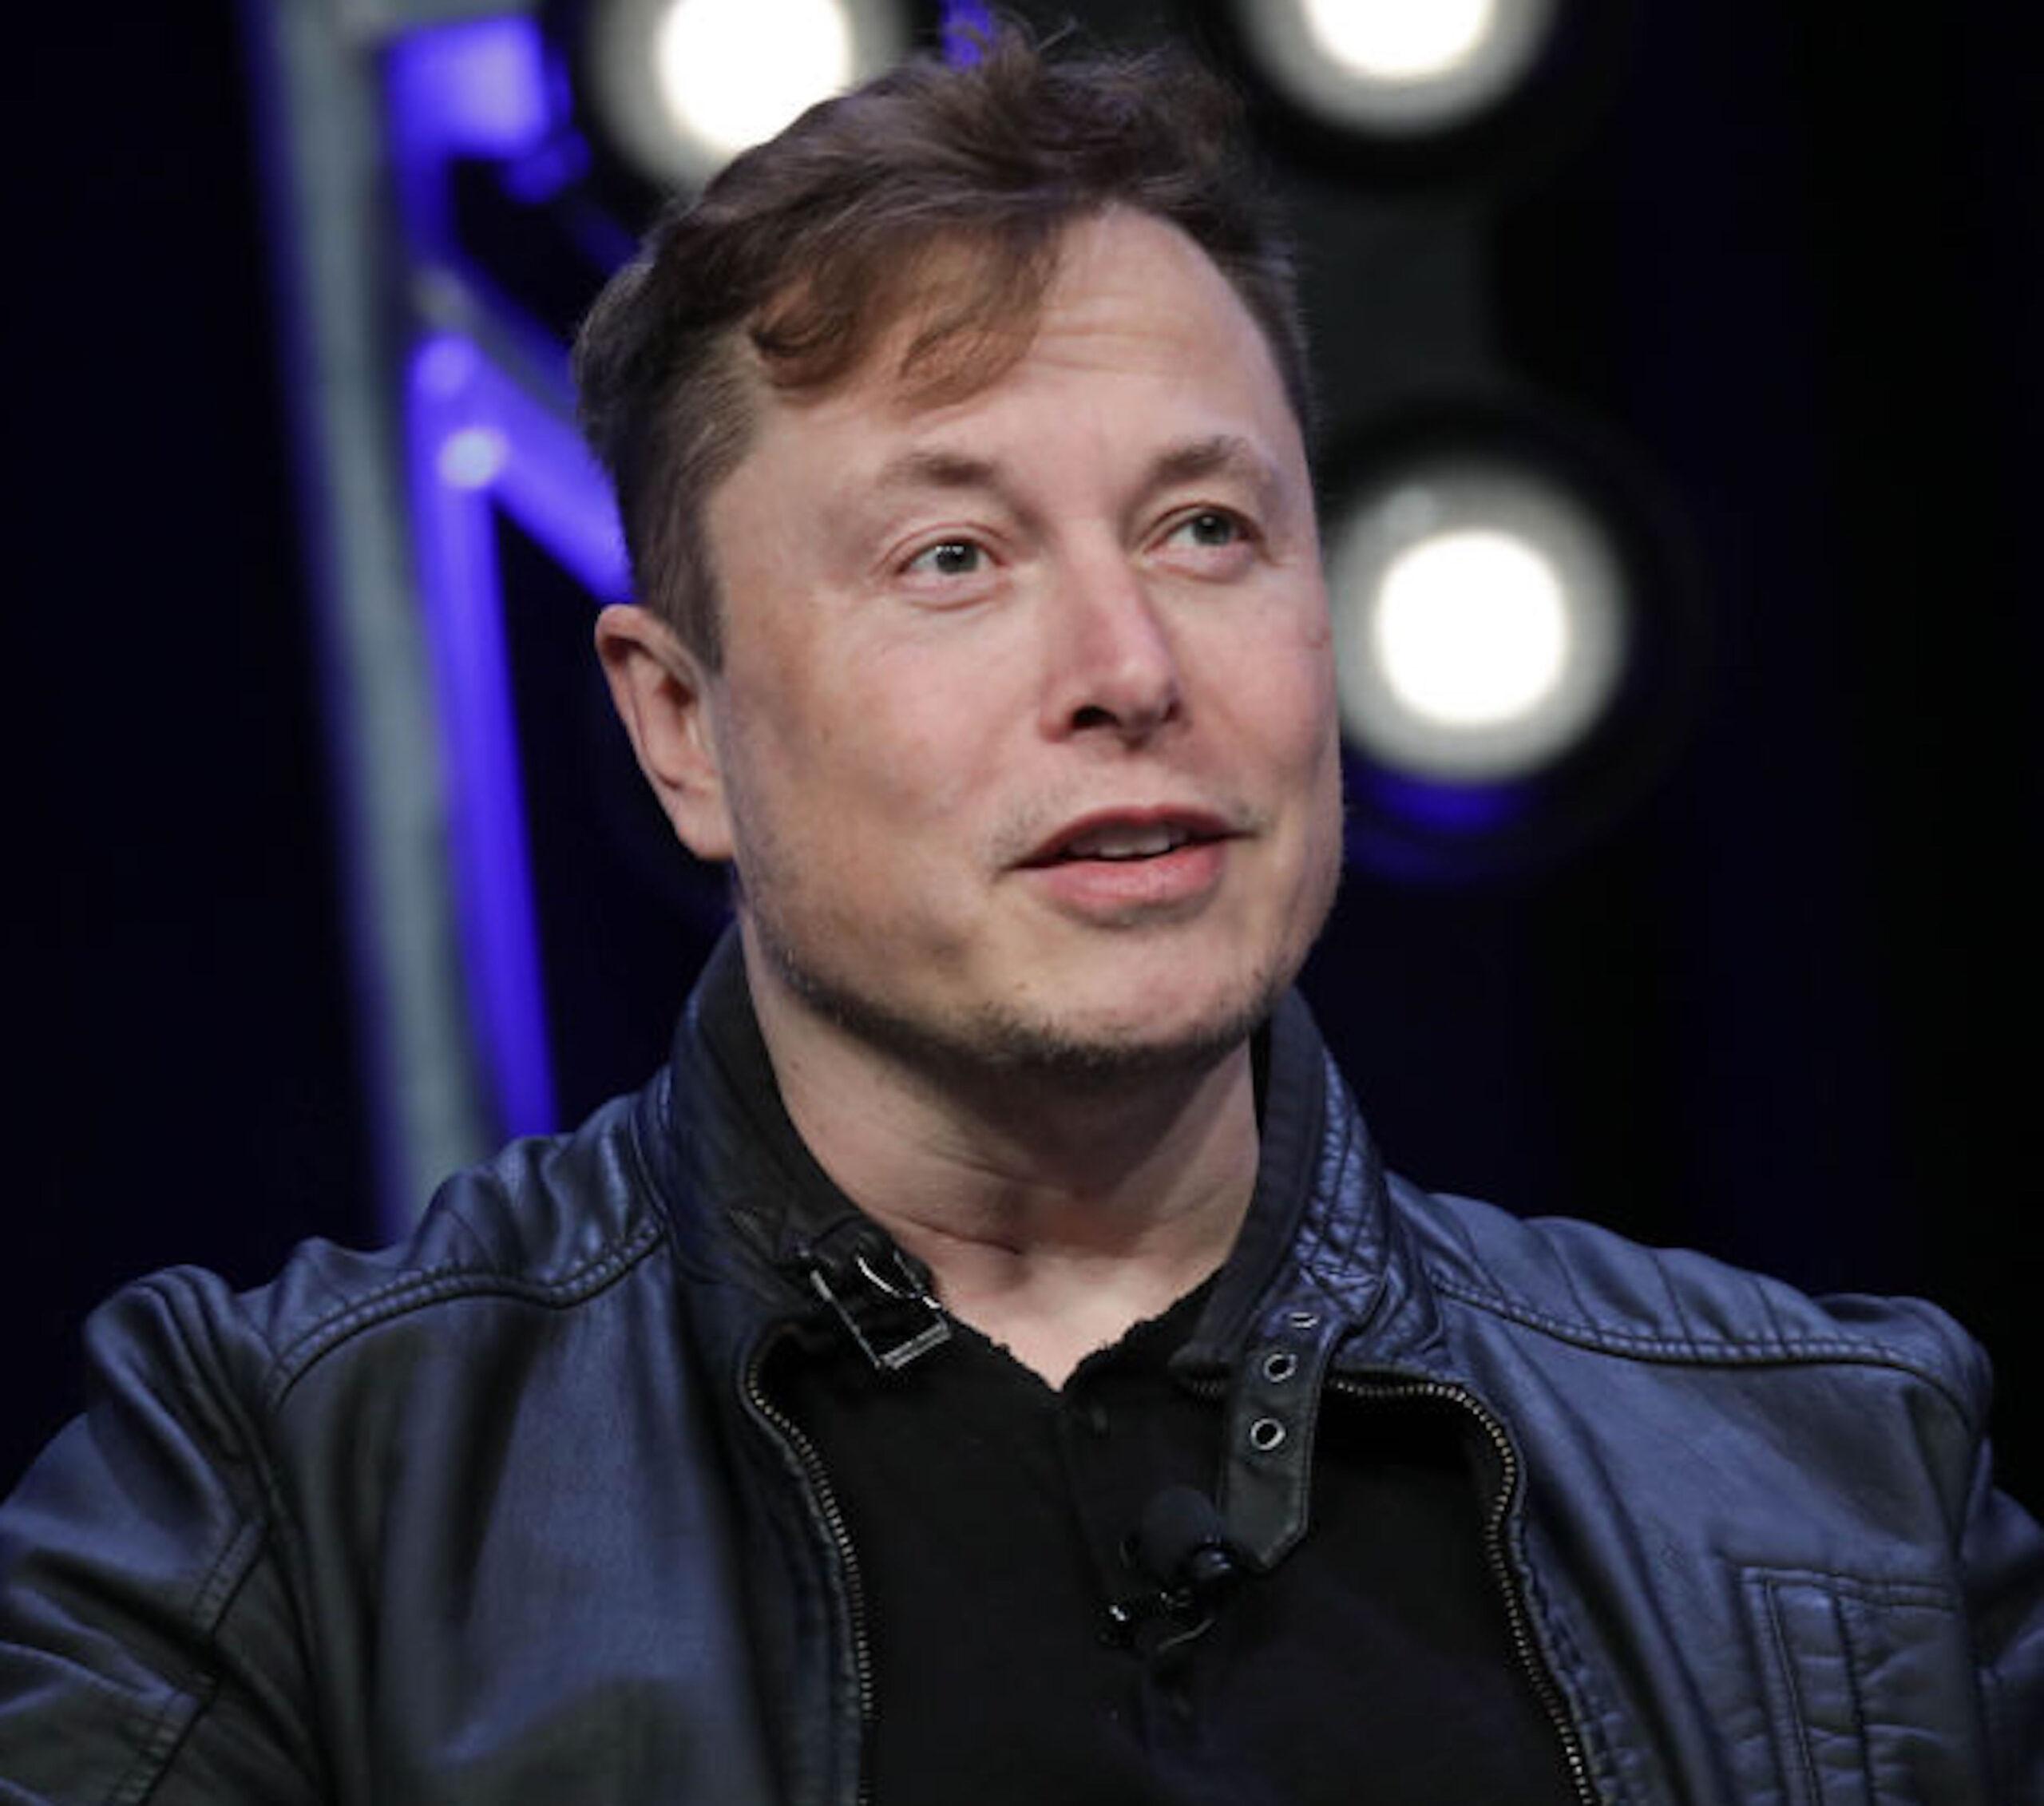 Elon Musk, Người sáng lập và Kỹ sư trưởng của SpaceX, phát biểu trong Hội nghị Vệ tinh 2020 tại Washington, DC, Hoa Kỳ vào ngày 9 tháng 3 năm 2020. Yasin Ozturk / Anadolu Agency qua Getty Images